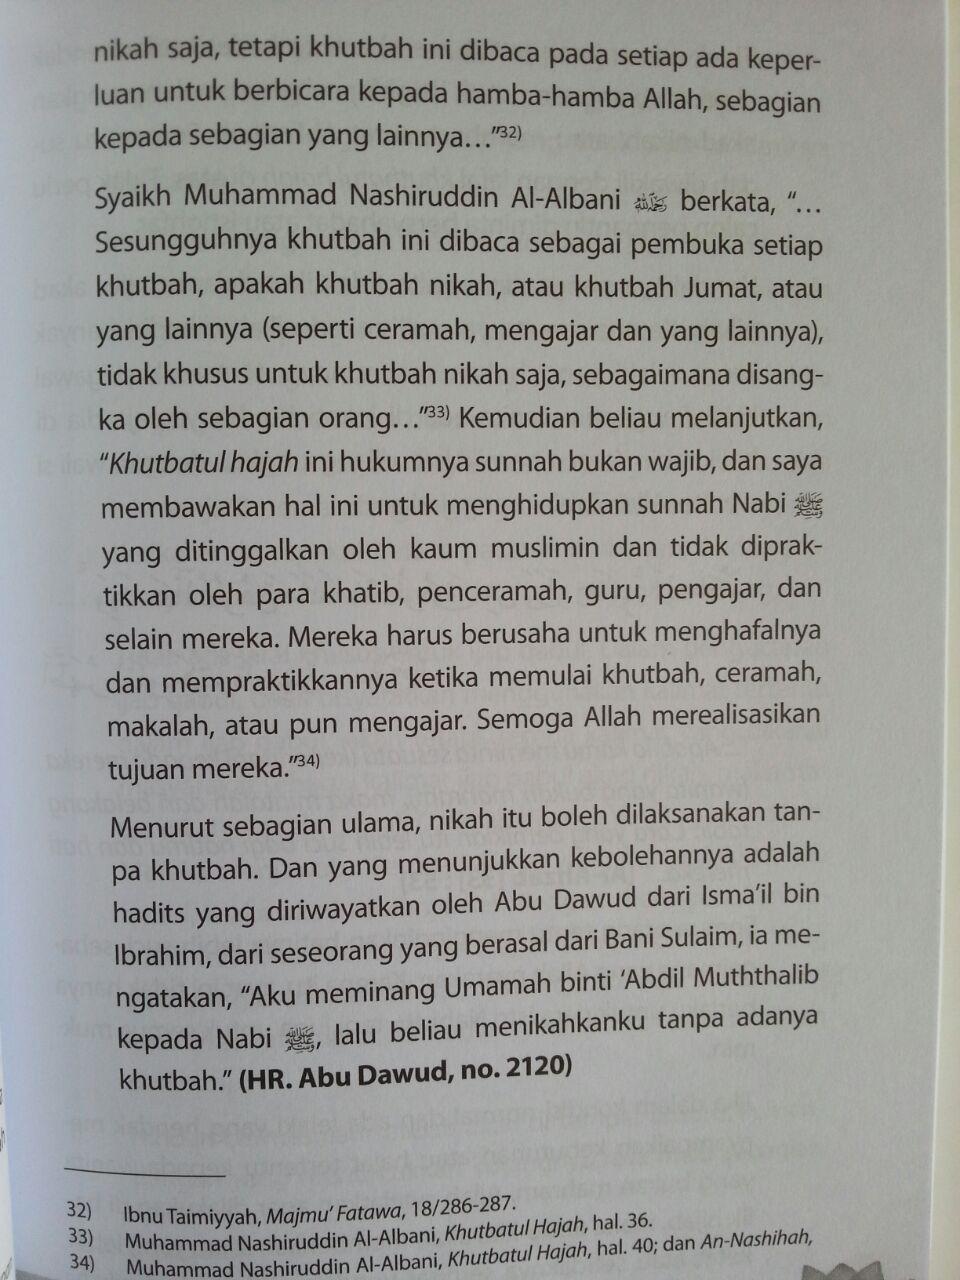 Buku Fiqih Munakahat Kajian Praktis Fiqih Pra Pasca Nikah isi 3